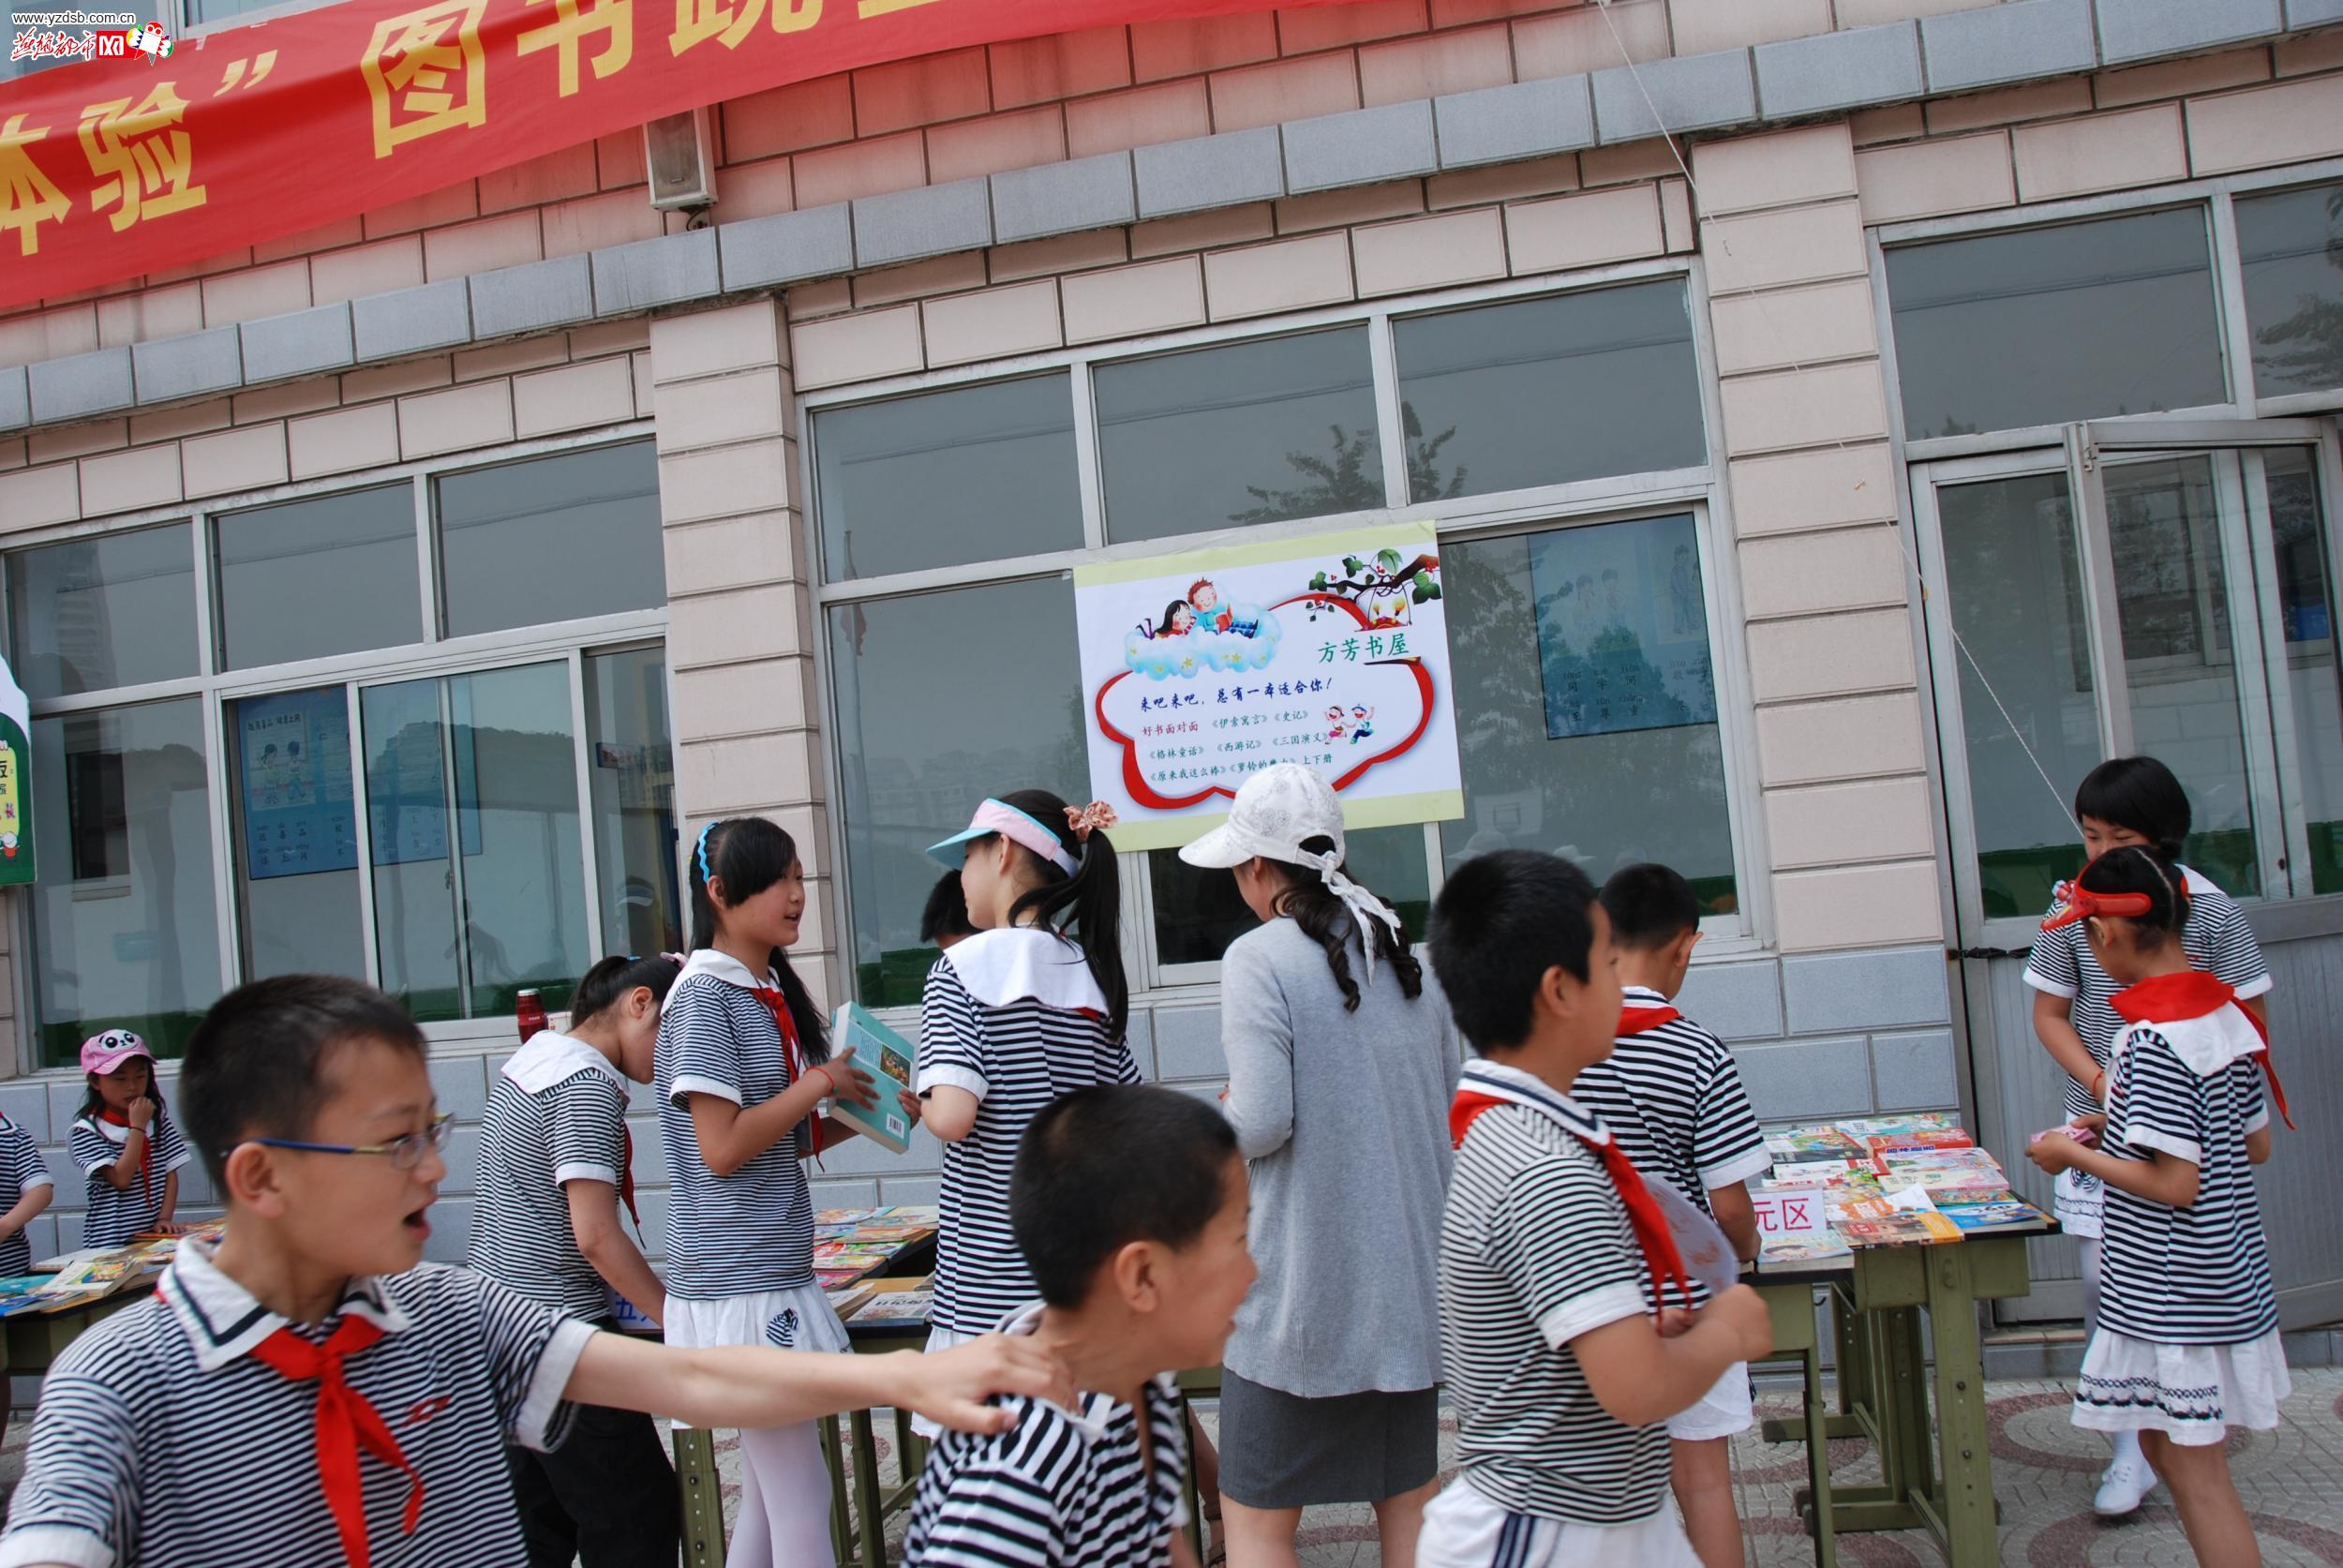 石家庄华清街图书举办小学跳蚤市场(图)小学招生政策泸州图片